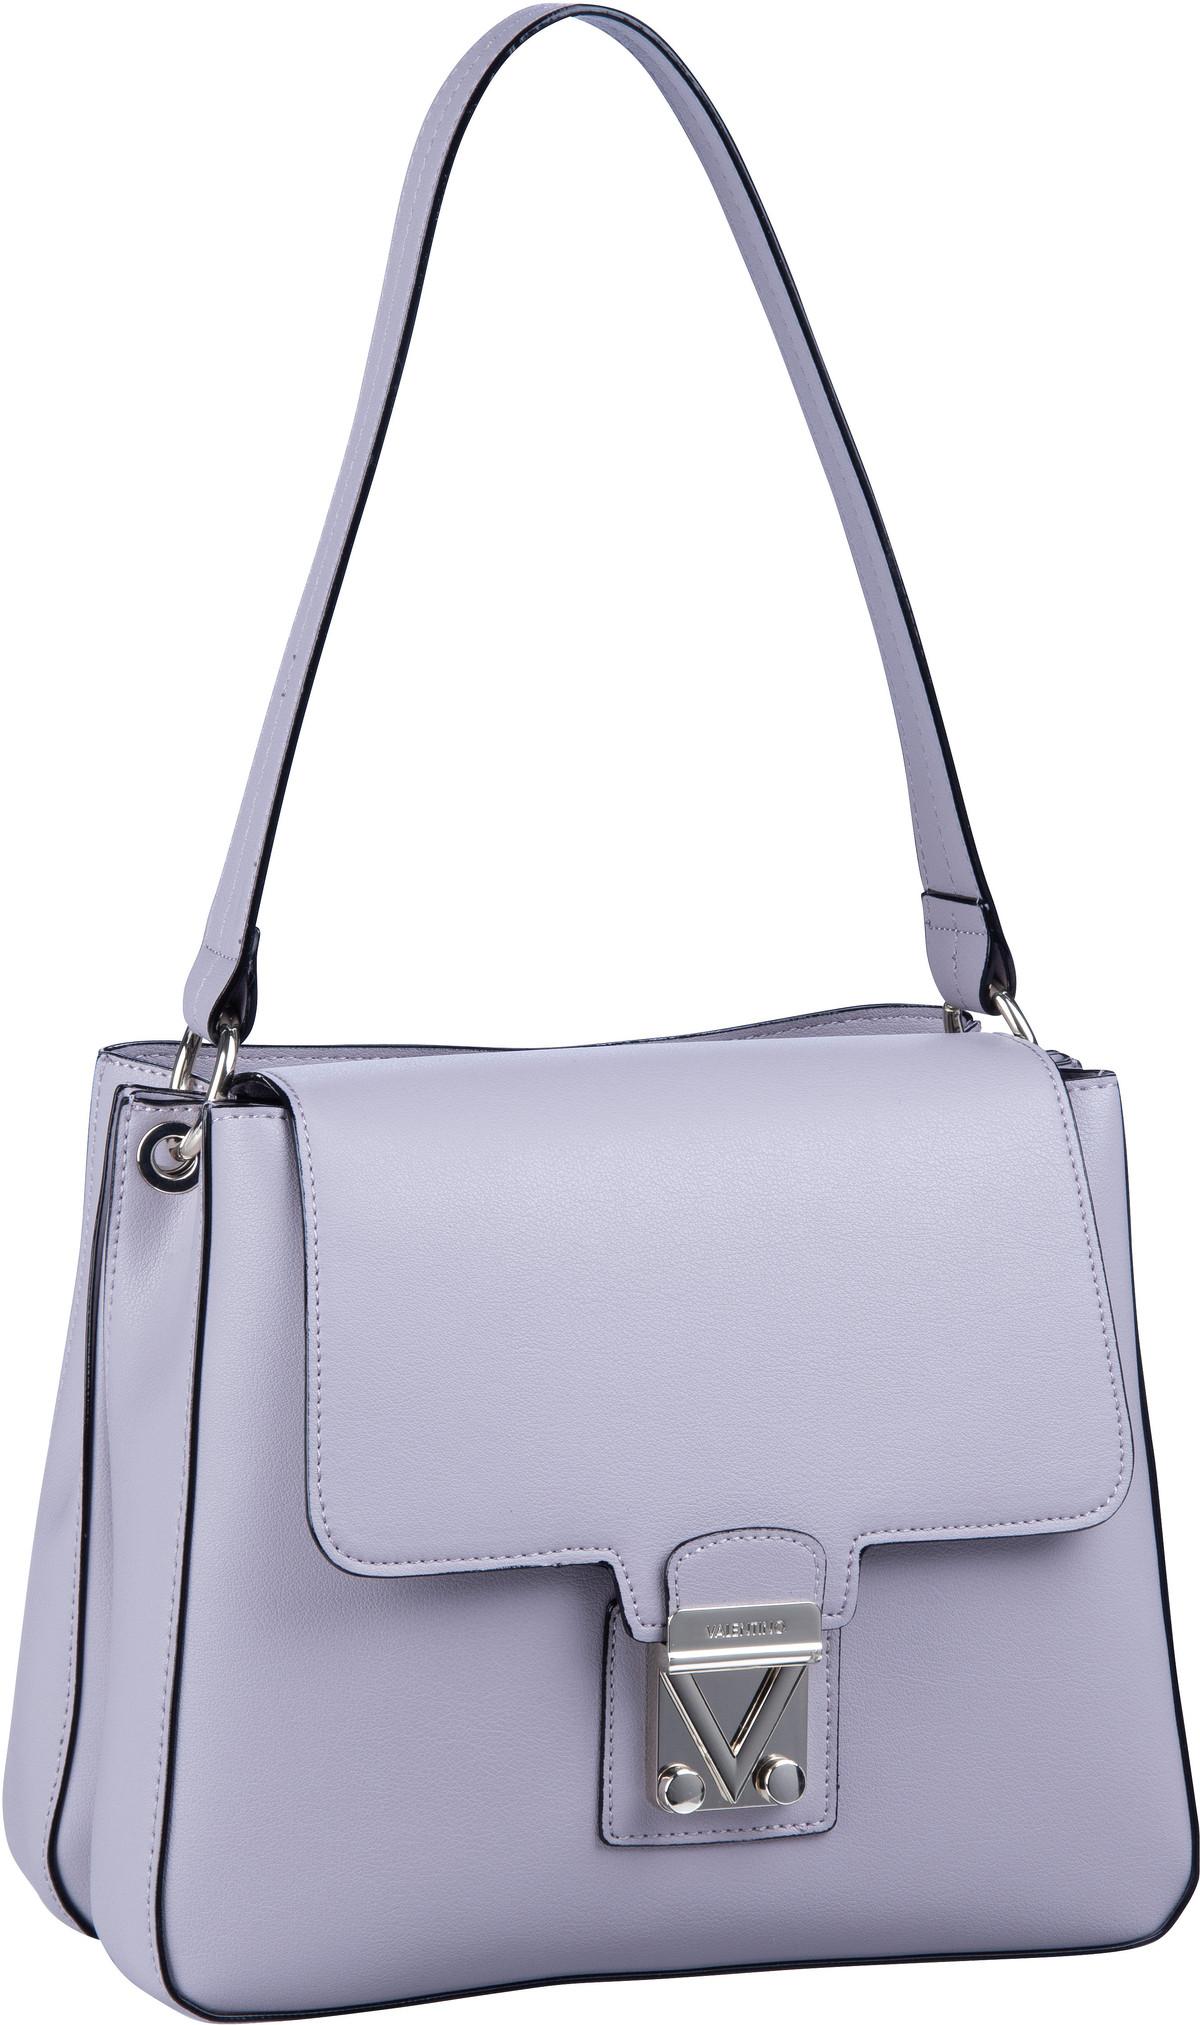 Handtasche Memole Pattina L04 Lilla